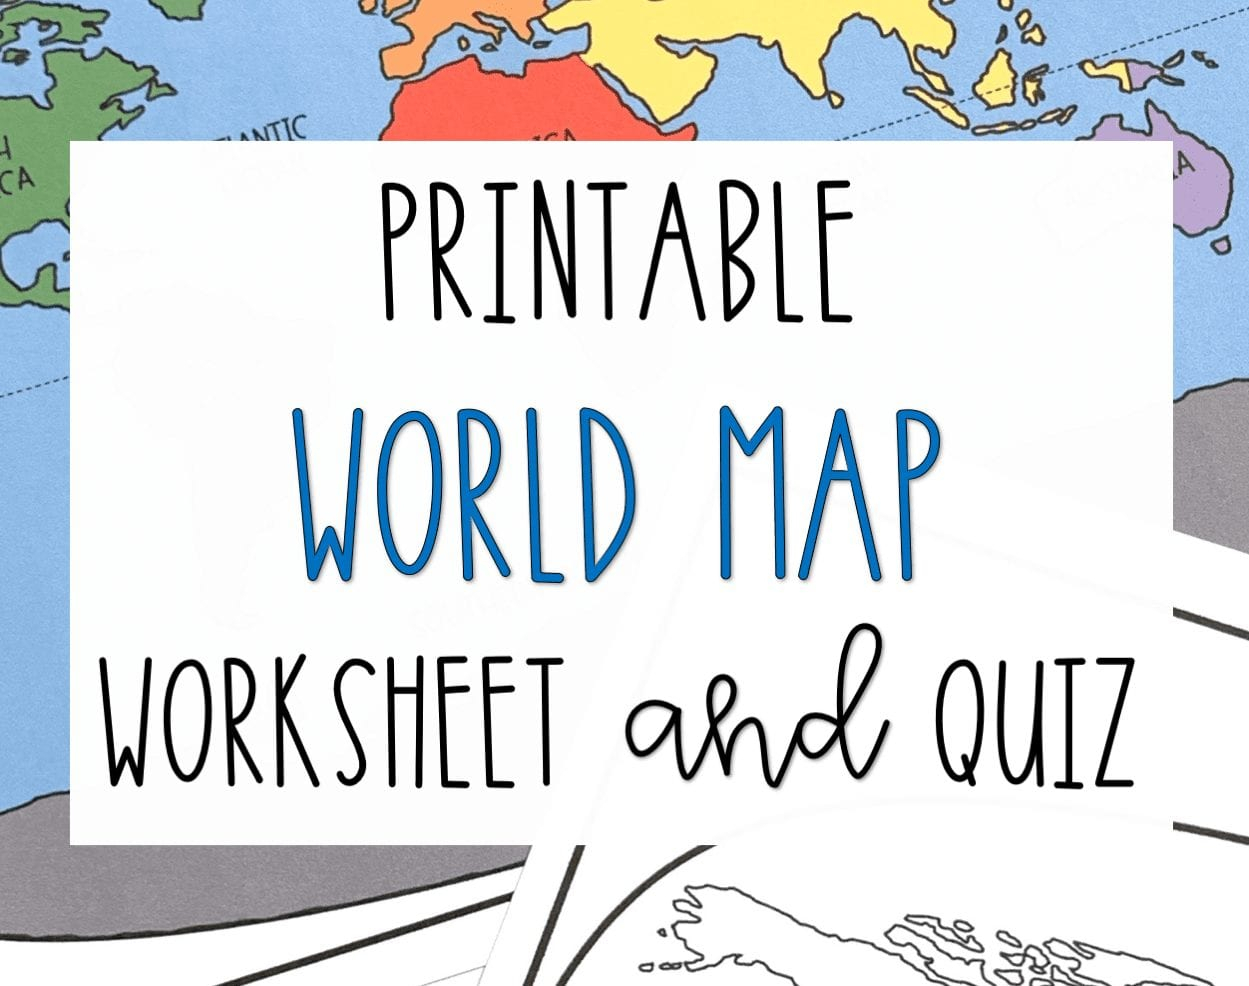 World Map Worksheet — db excel.com